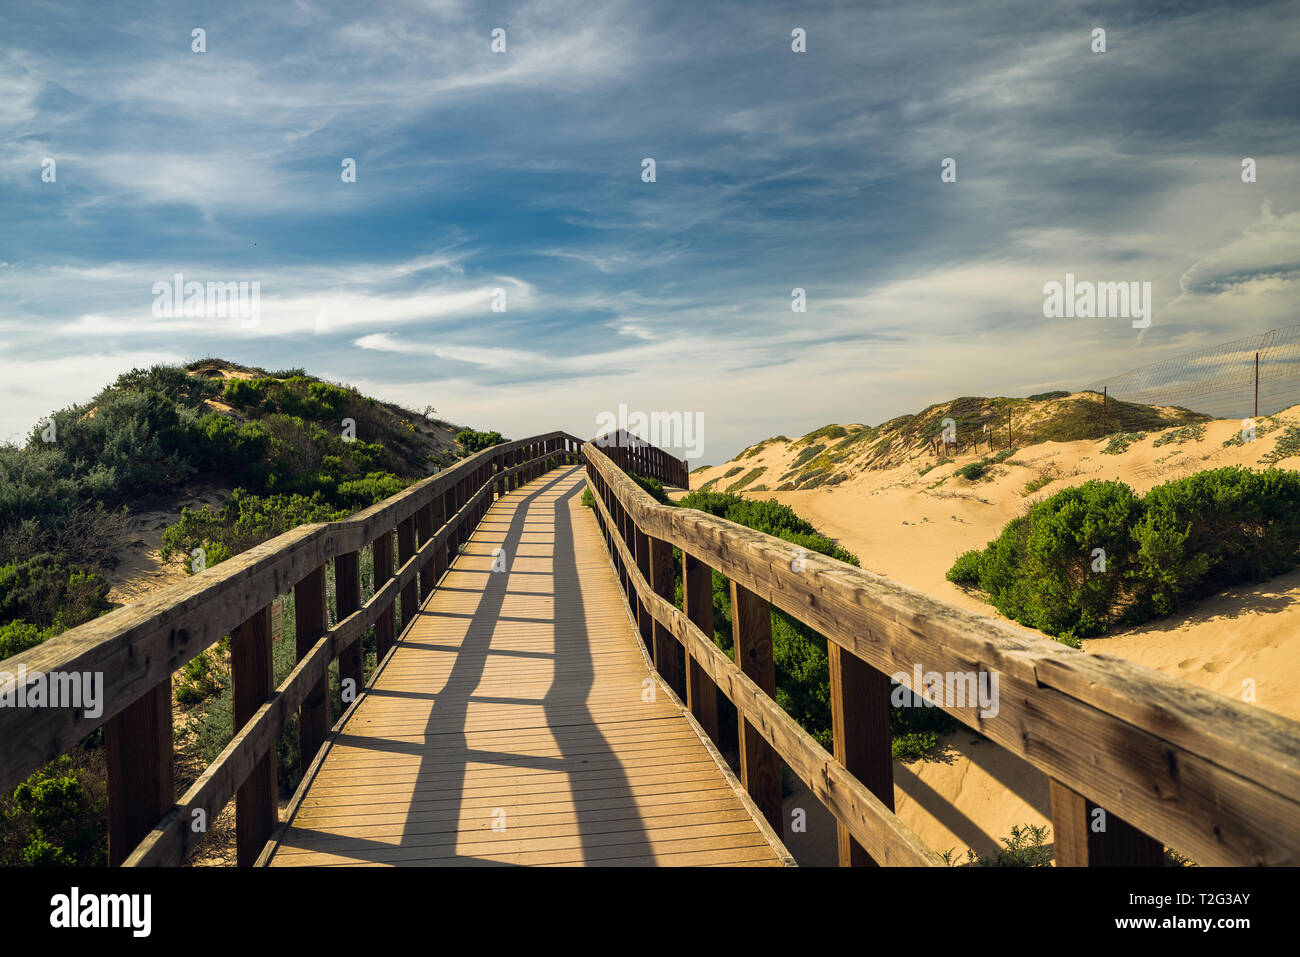 Legno rustico Beach Boardwalk attraverso le dune di sabbia. Oso Flaco Lago Area naturale del parco statale, California Immagini Stock